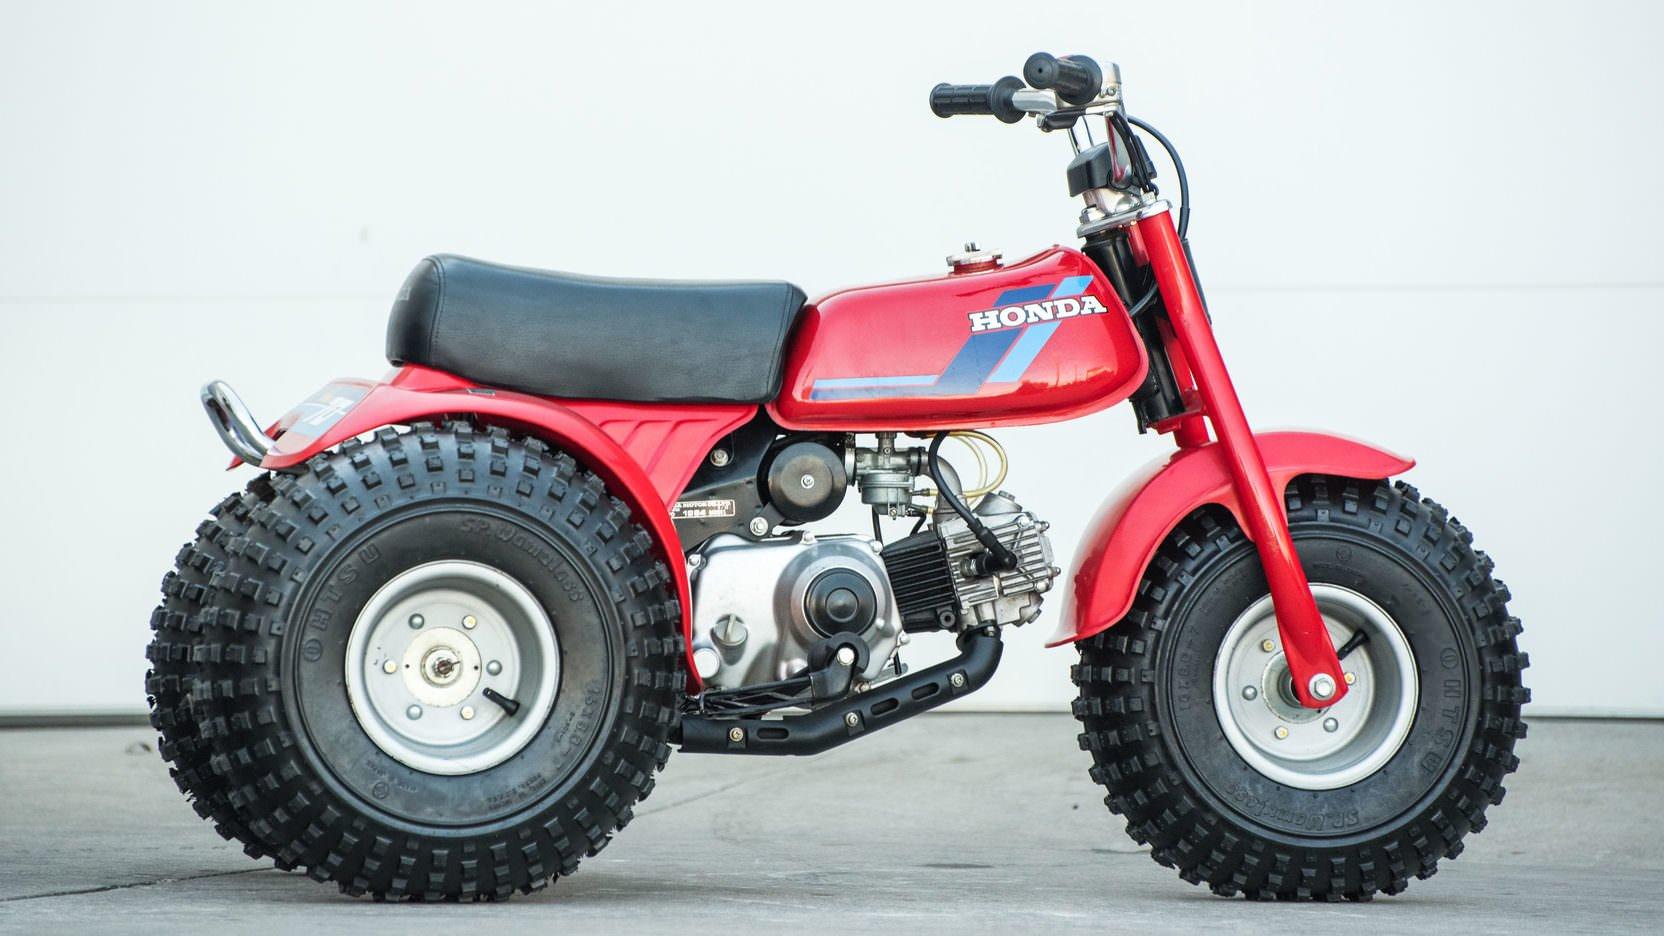 Honda atc 70 1